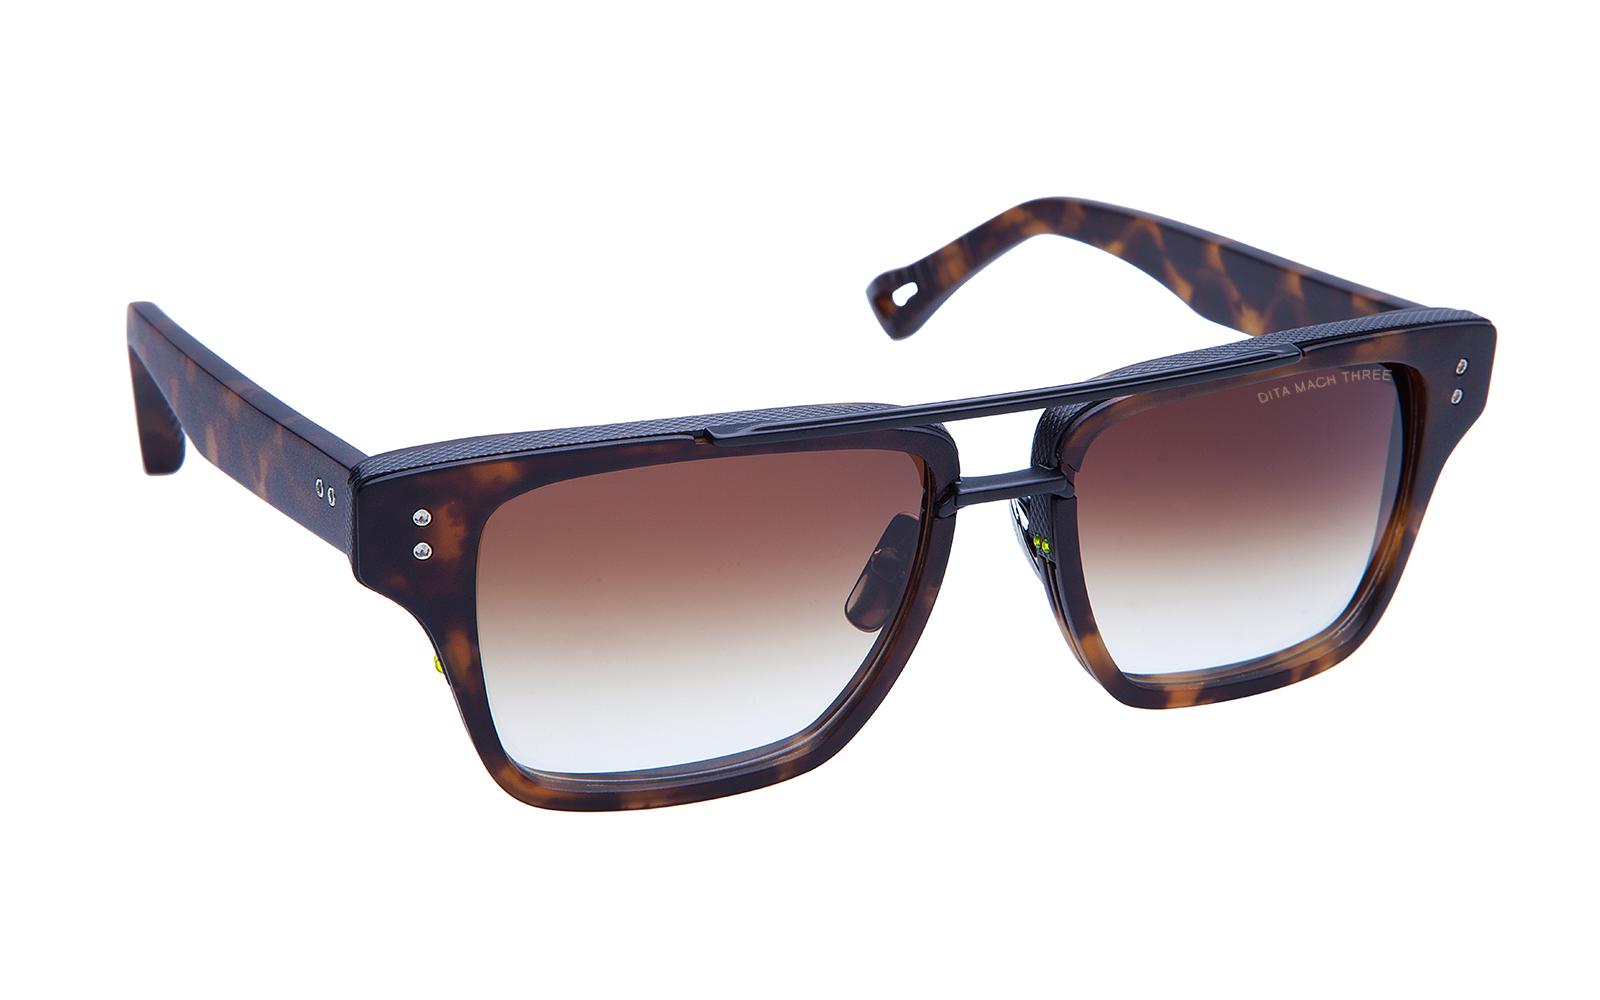 ce656f9497 Dita Mach Three DRX-2059-B Sunglasses